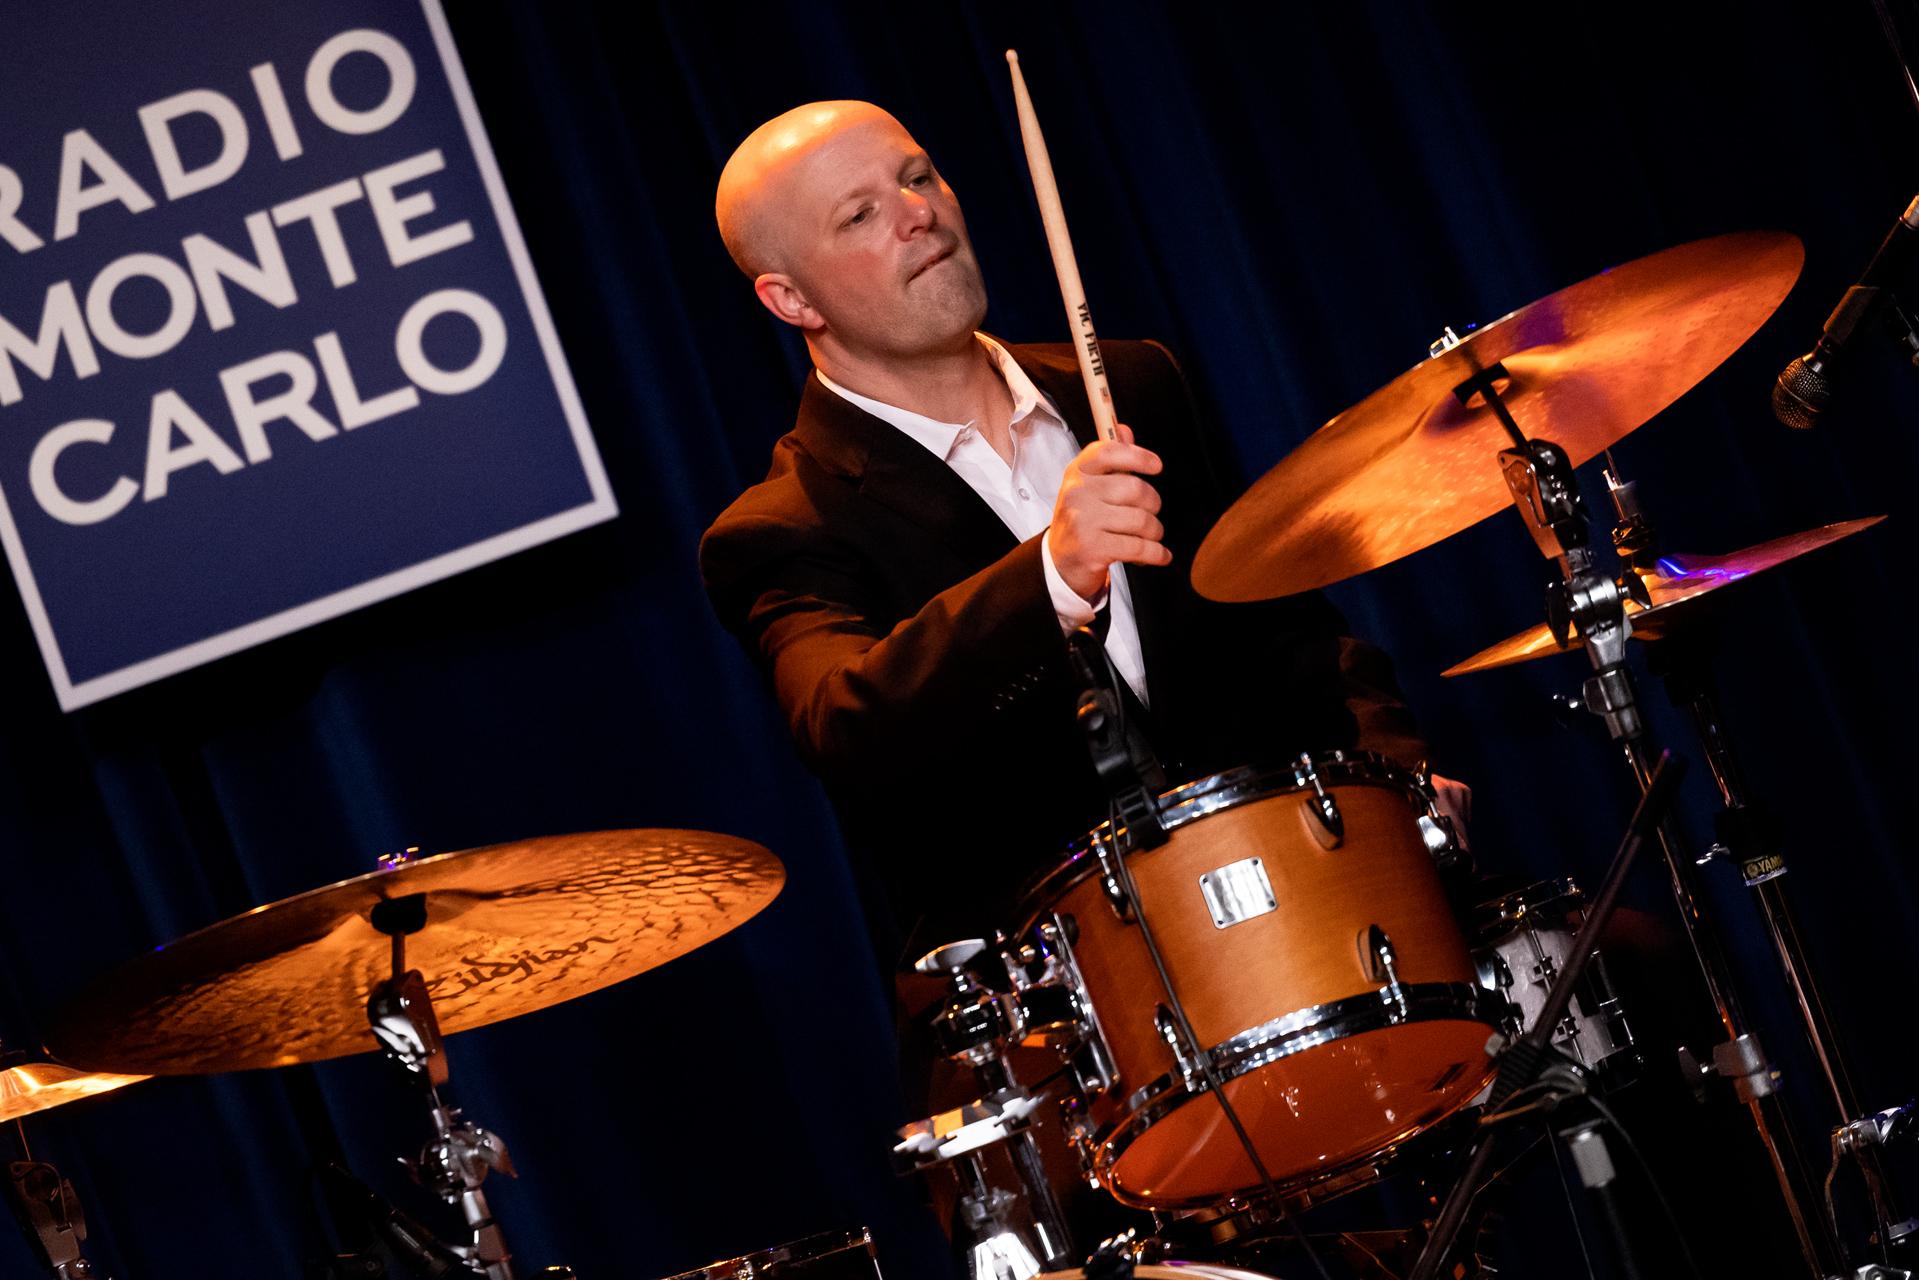 2020_09_04-James-Taylor-Quartet-©-Luca-Vantusso-210531-EOS53760